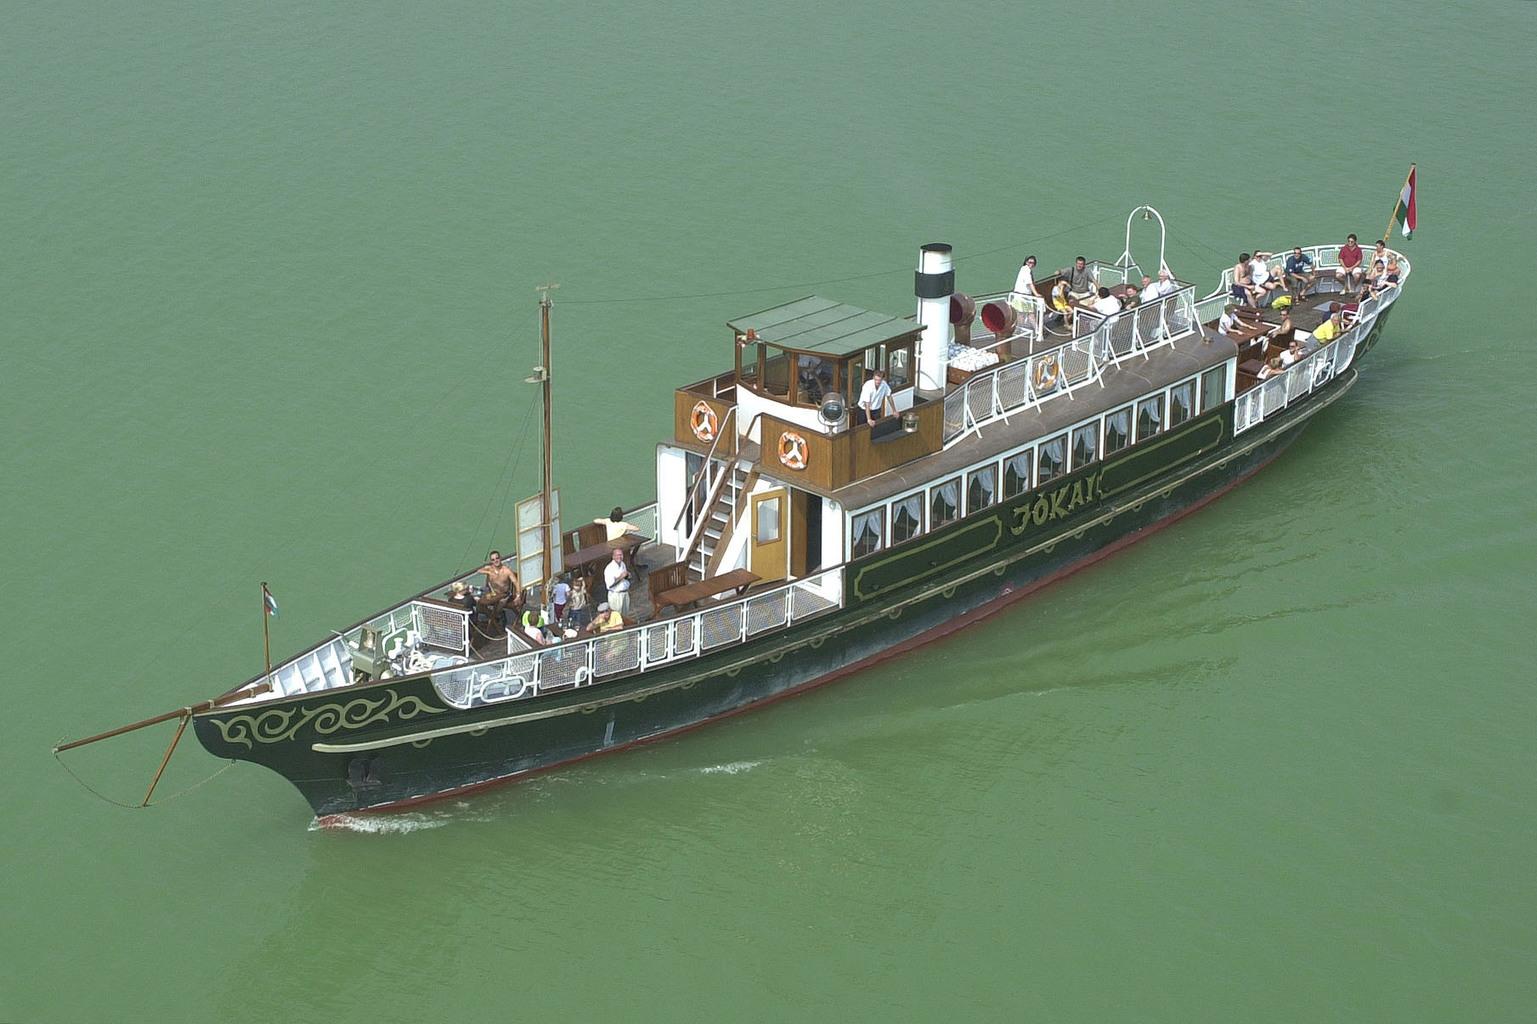 Balaton, 2002. augusztus 27. Újból a Balatonon üzemel a tó egyik legszebb muzeális hajója, az 1913-ban gyártott Jókai motoros, amely Vanyolai Sándor hajózási vállalkozó tulajdona. A vízi jármű 1980-ig közlekedett a Balatonon, majd Tiszalökre került, ahol a hajójavító műhelyben több tízmillió forint költséggel felújították, majd a Tiszán, illetve a Dunán Dunaújvárosba szállították. A Sió-csatorna tartósan alacsony vízállása miatt vízi úton nem lehetett a hajót a Balatonra vinni, ezért a közelmúltban szárazföldön vitték azt a tóra. A most üzembe helyezett, 36 méter hosszú sétahajó 100 utast tud szállítani. MTI Fotó: H. Szabó Sándor